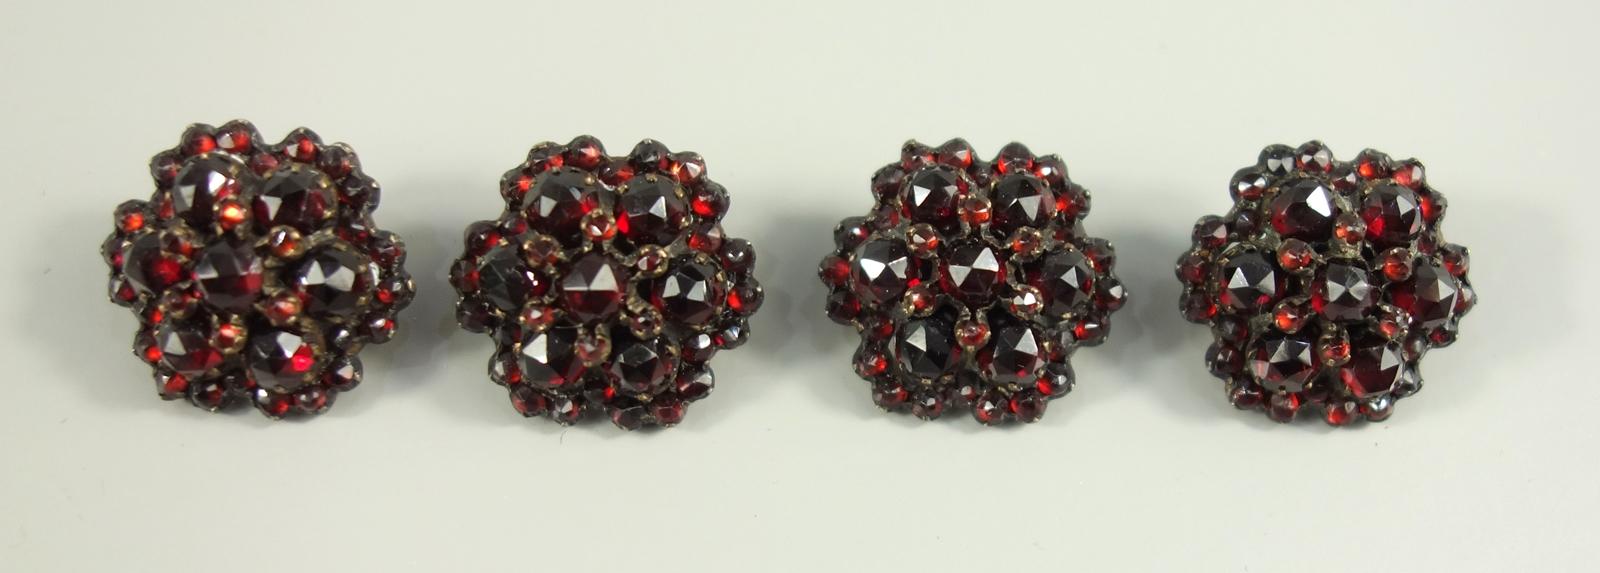 4 Granat-Knöpfe, Böhmen um 1890, runde Blütenform, facettierte Steine, getreppt in Tombakfassung, - Bild 2 aus 2